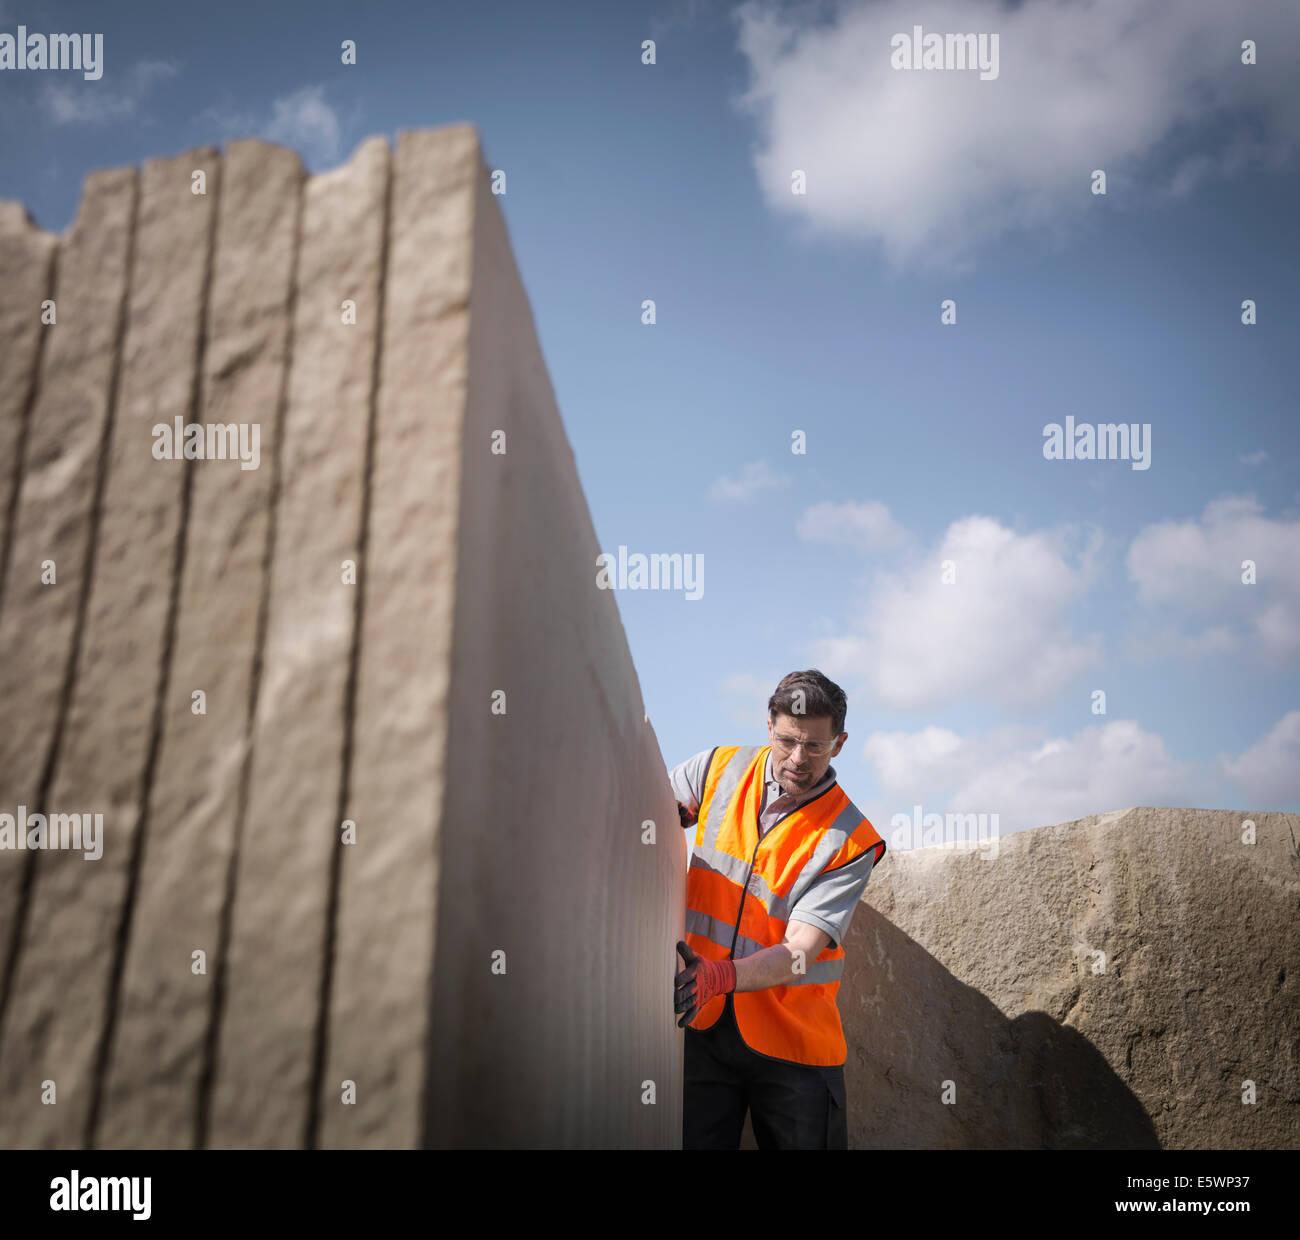 Lavoratore di cava ispezione di pietra da taglio a basso angolo di visione Immagini Stock